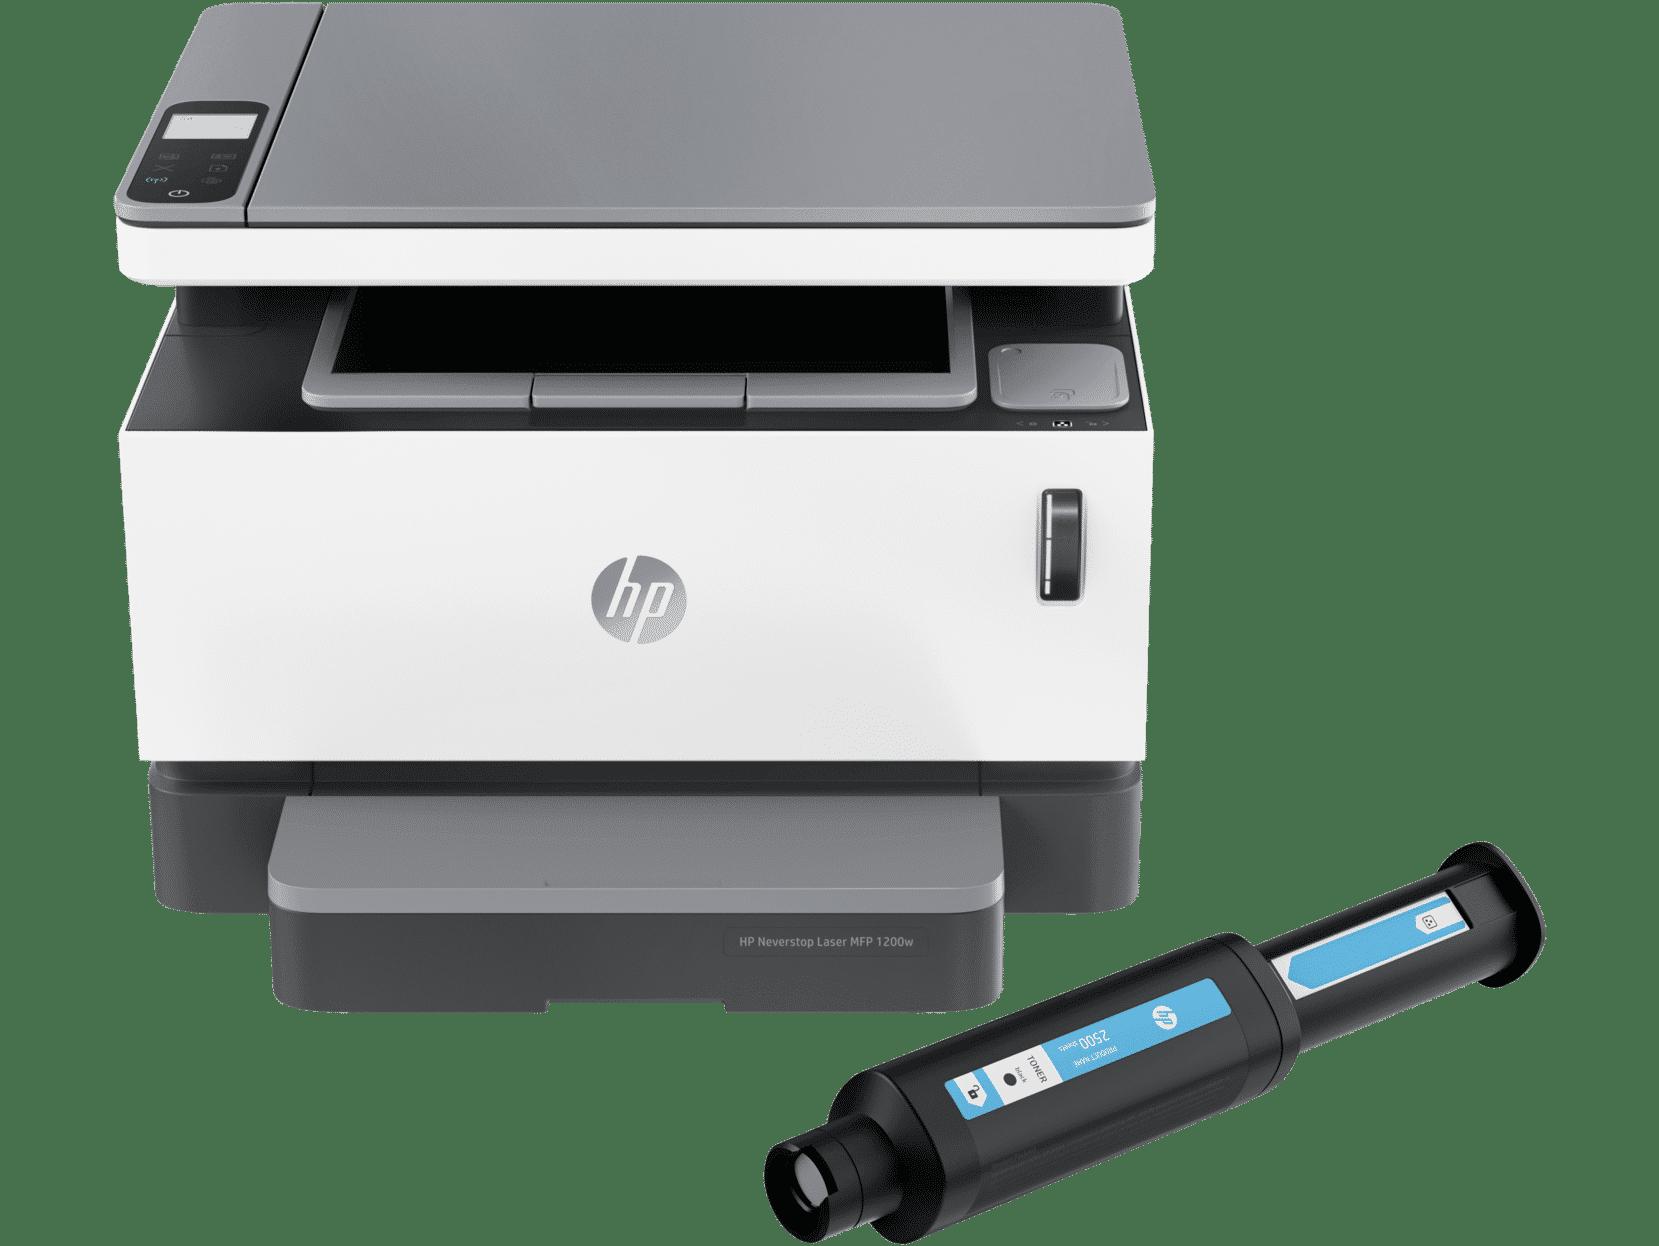 Đánh giá máy in HP 1200W